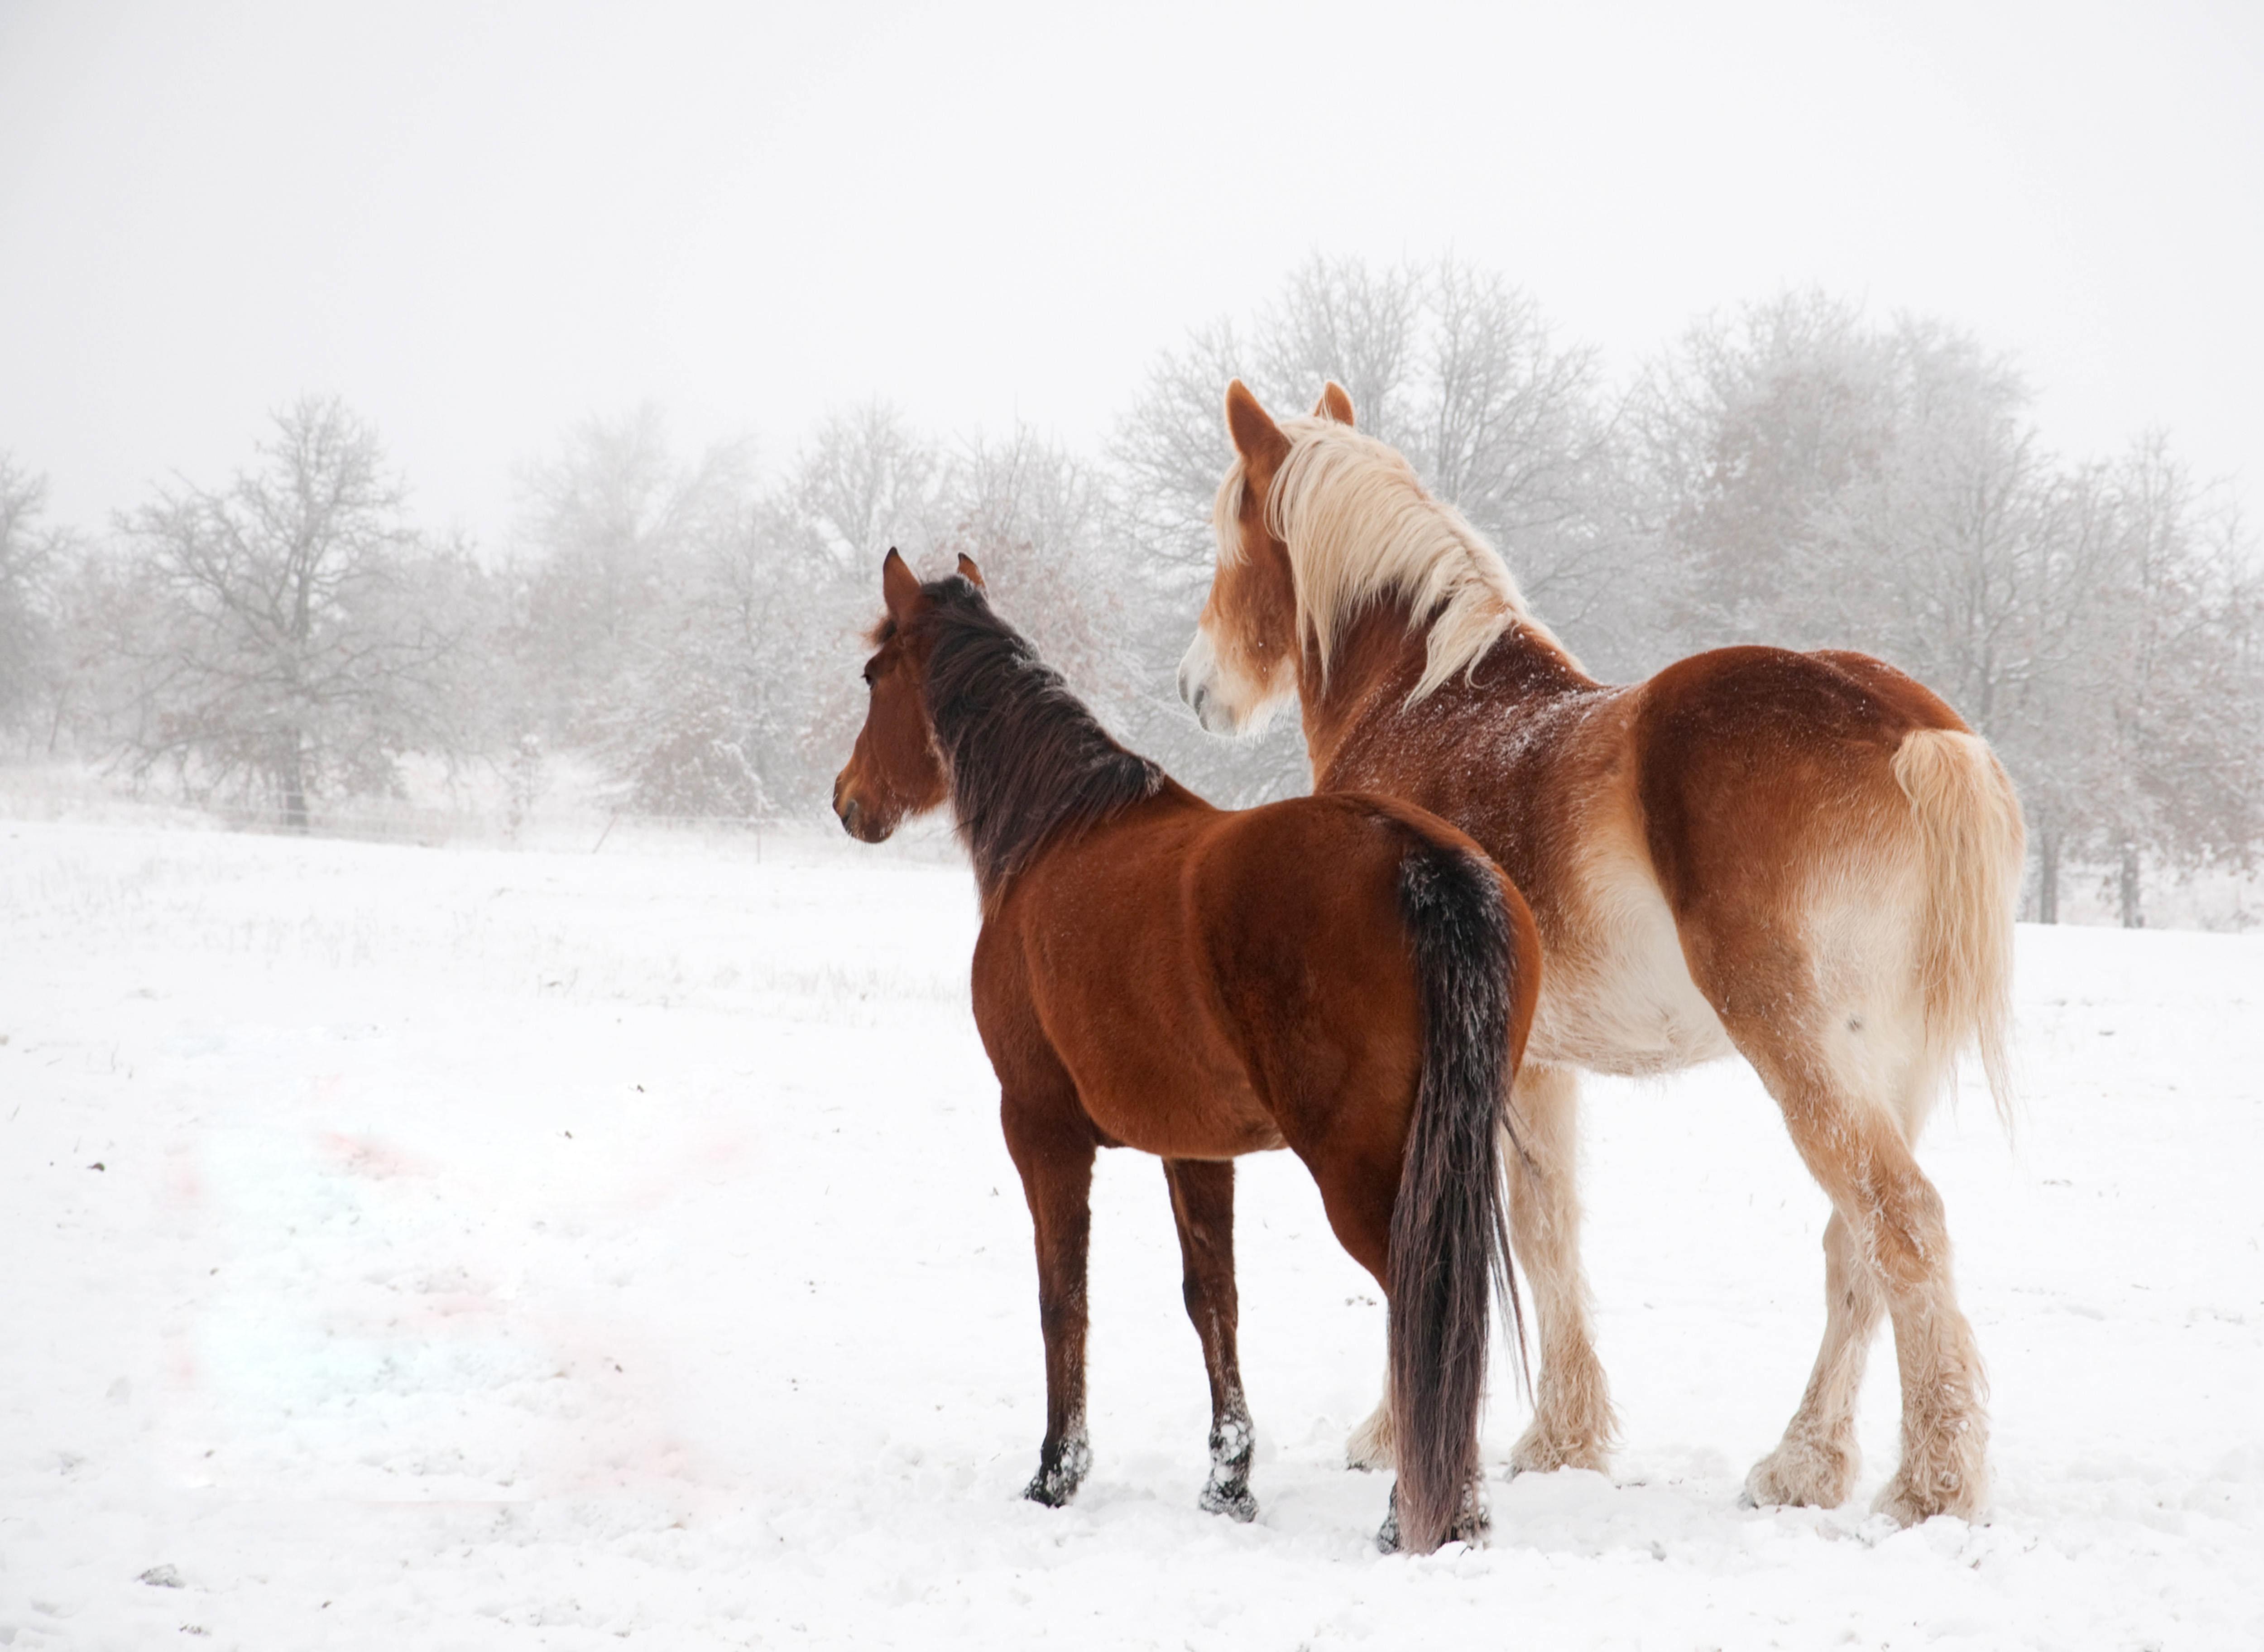 137264 скачать обои Животные, Лошади, Зима, Снег, Пара - заставки и картинки бесплатно